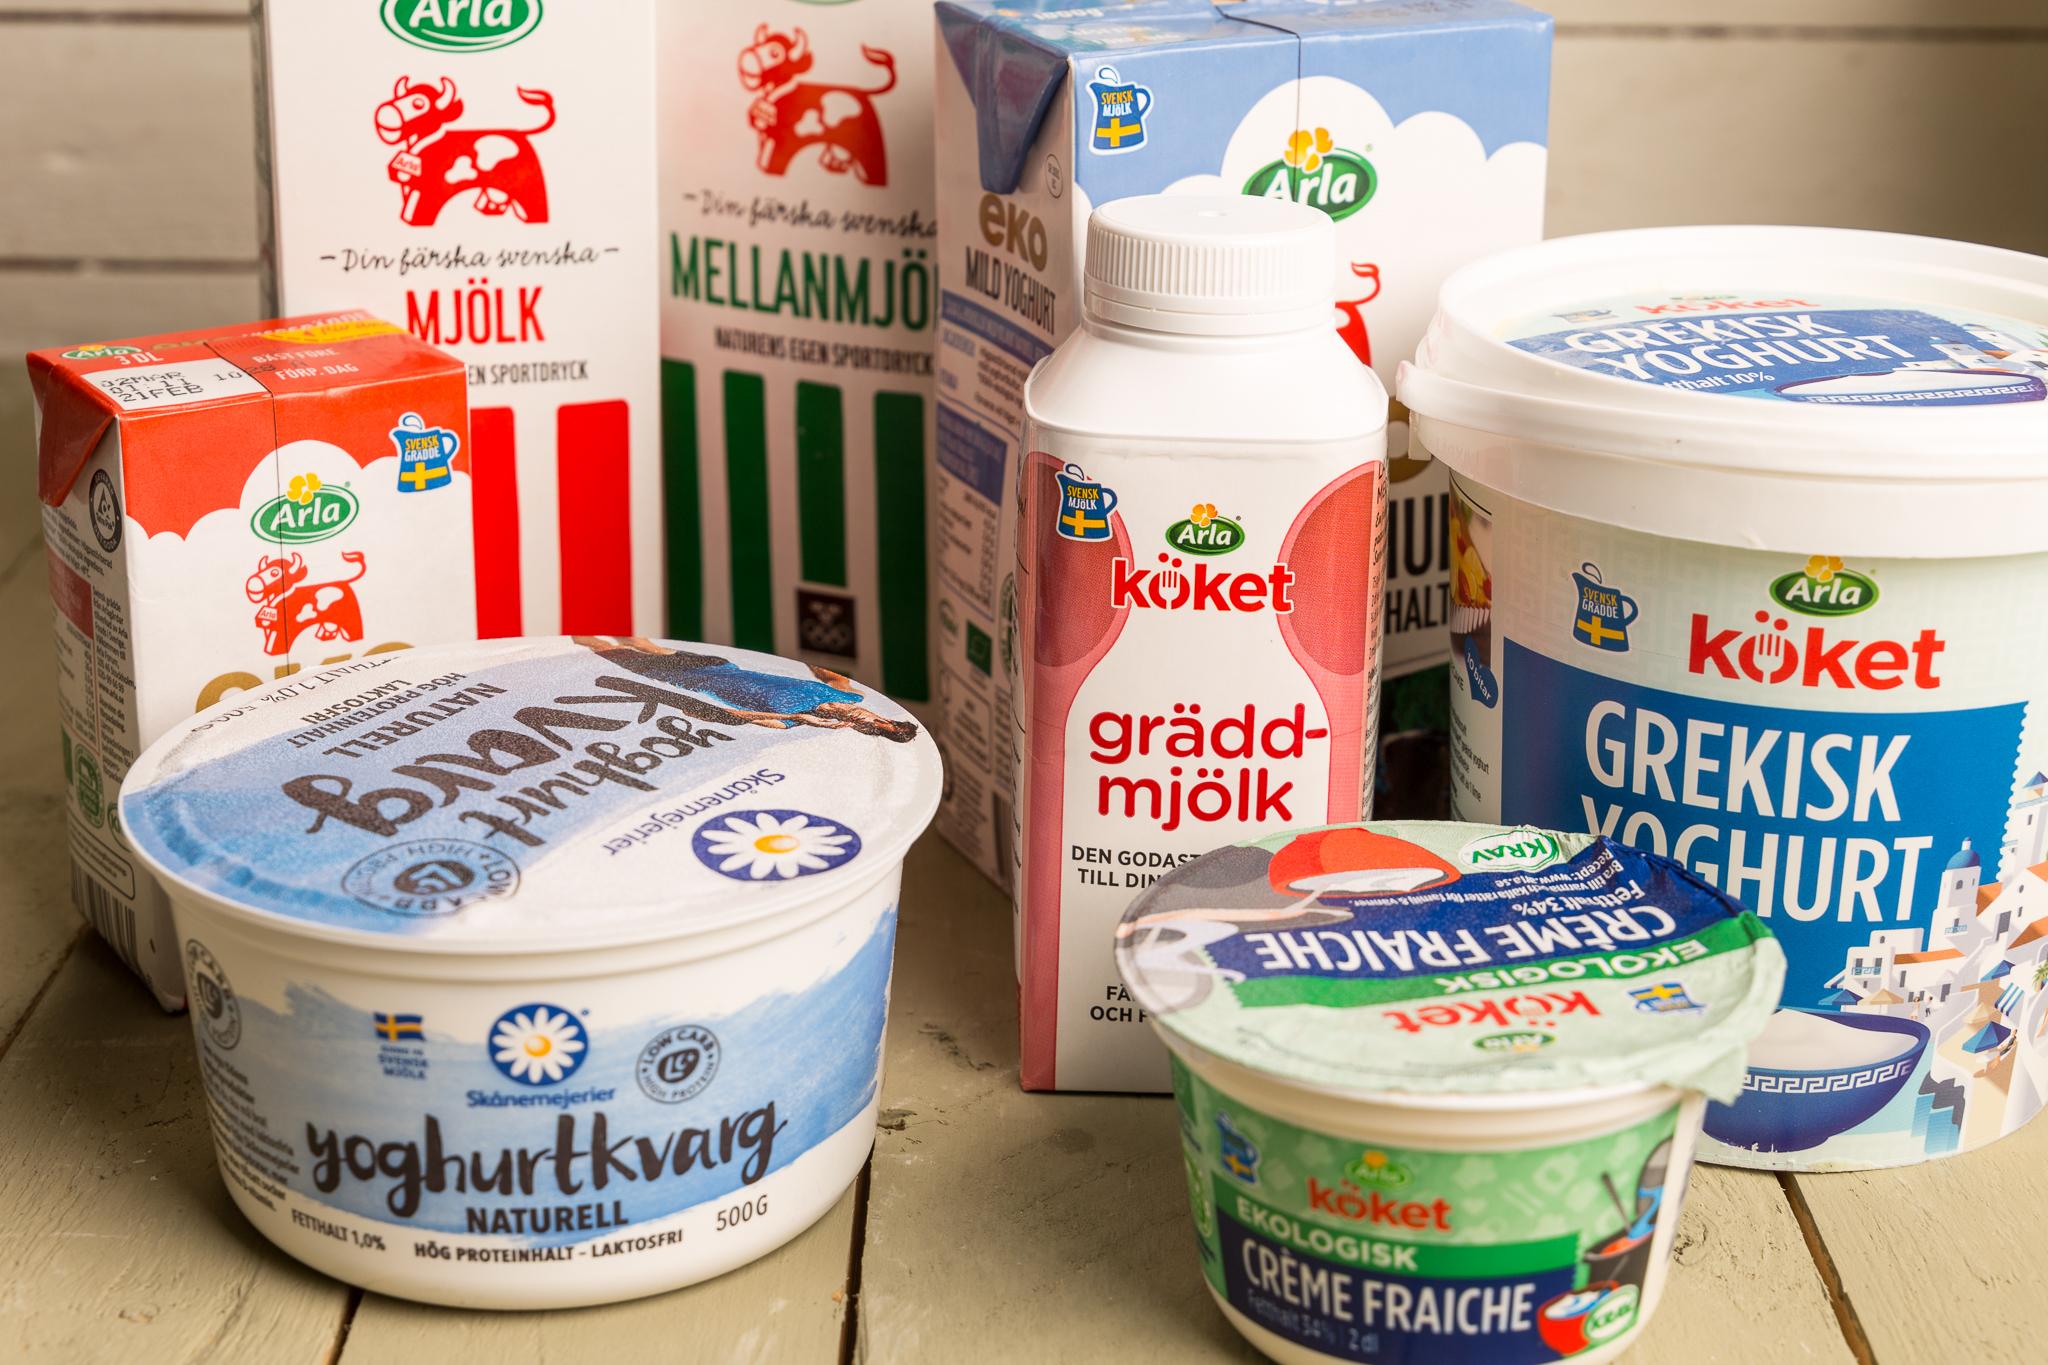 syrad grädde laktosfri